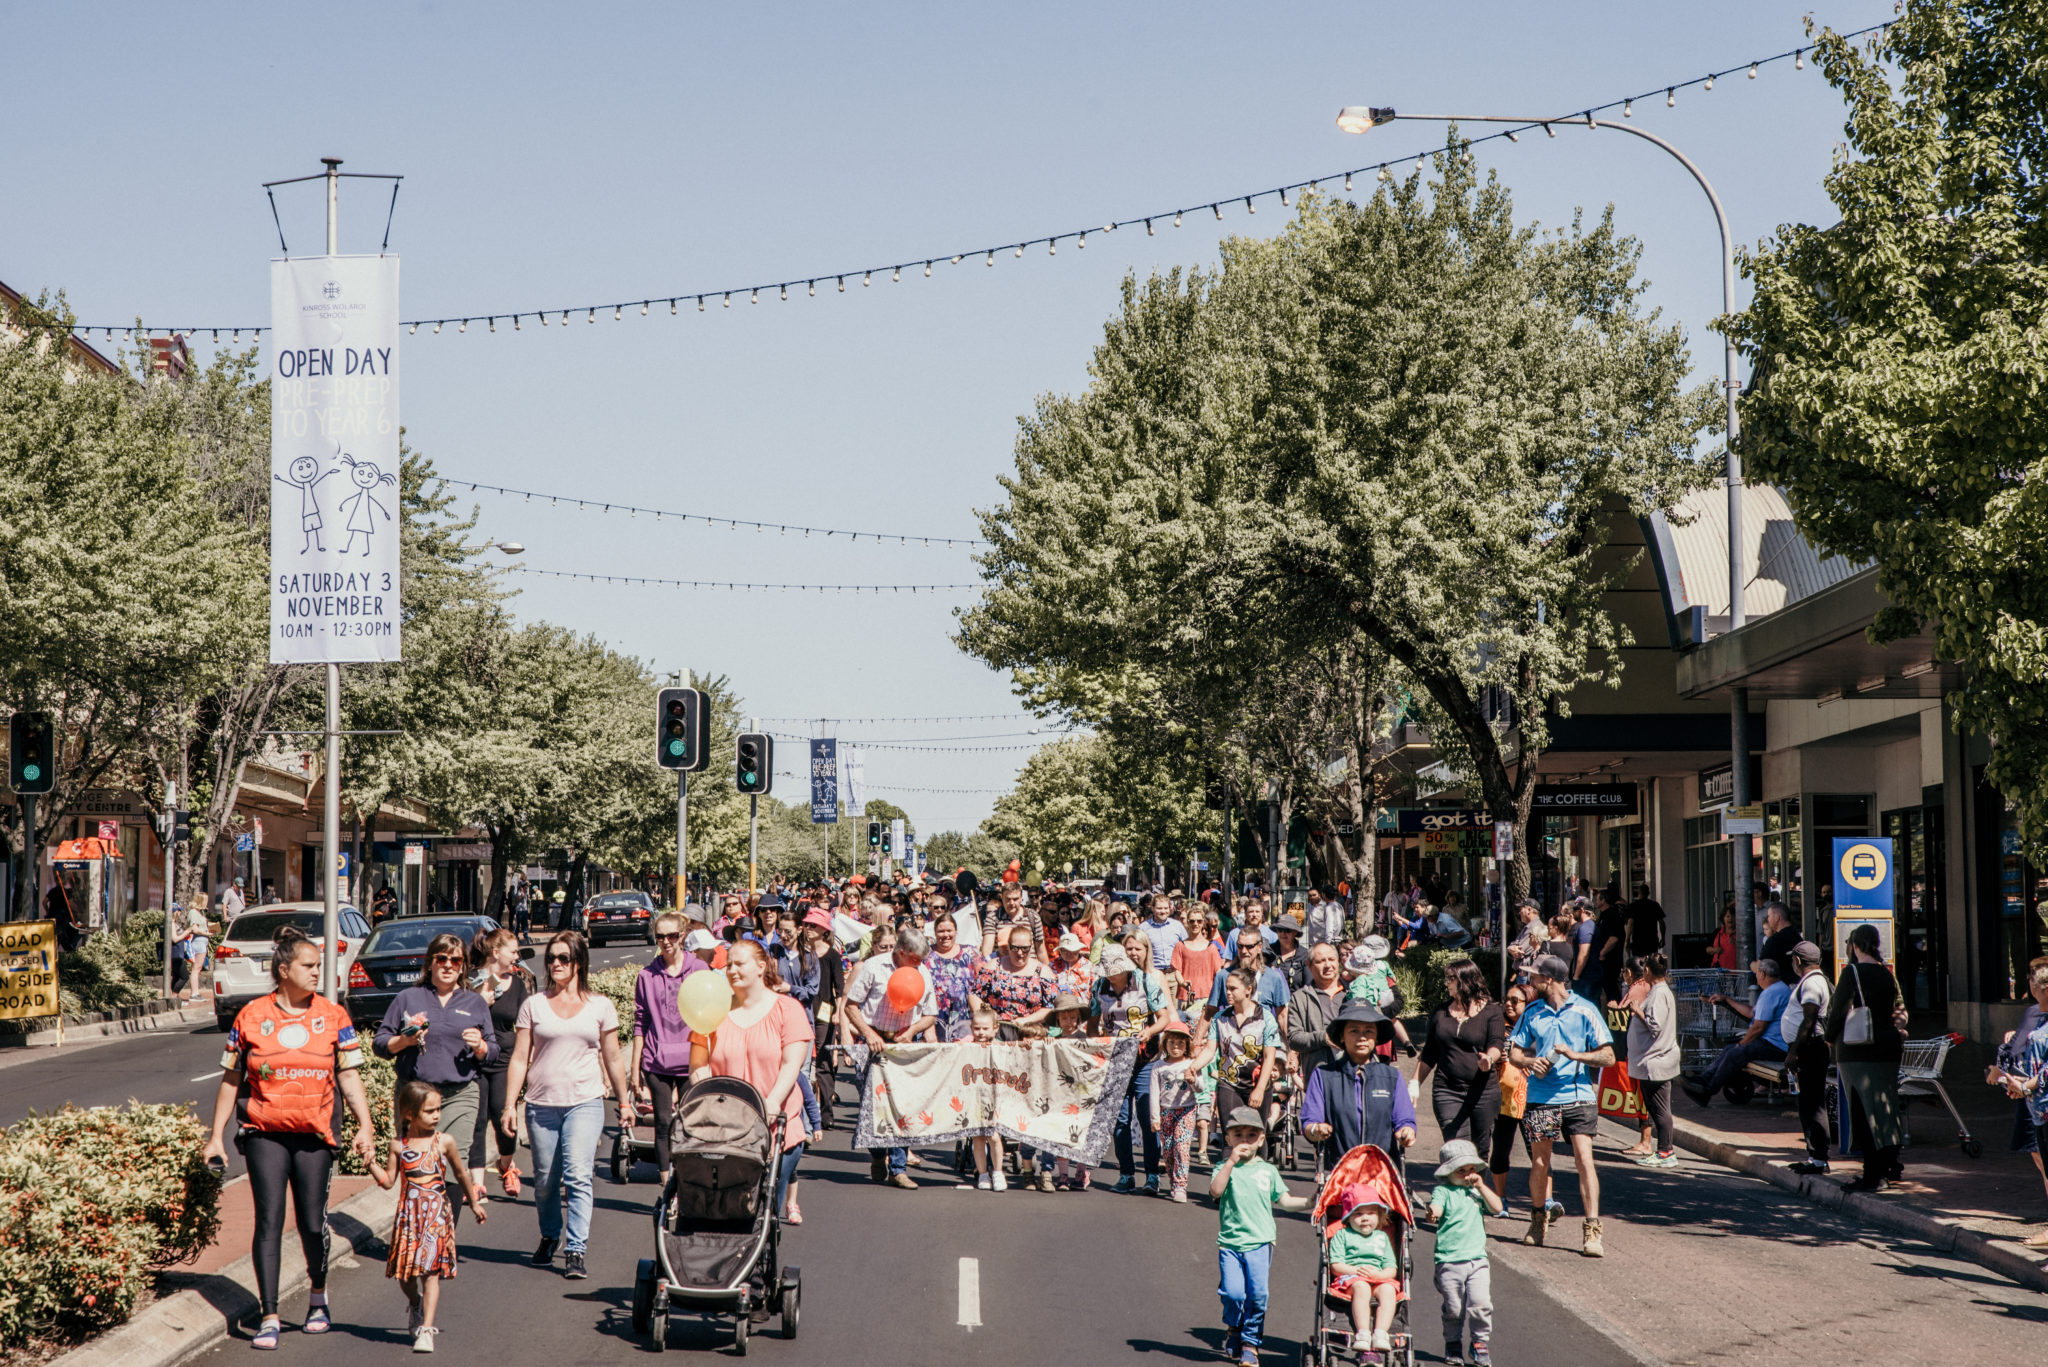 A NAIDOC Week street parade